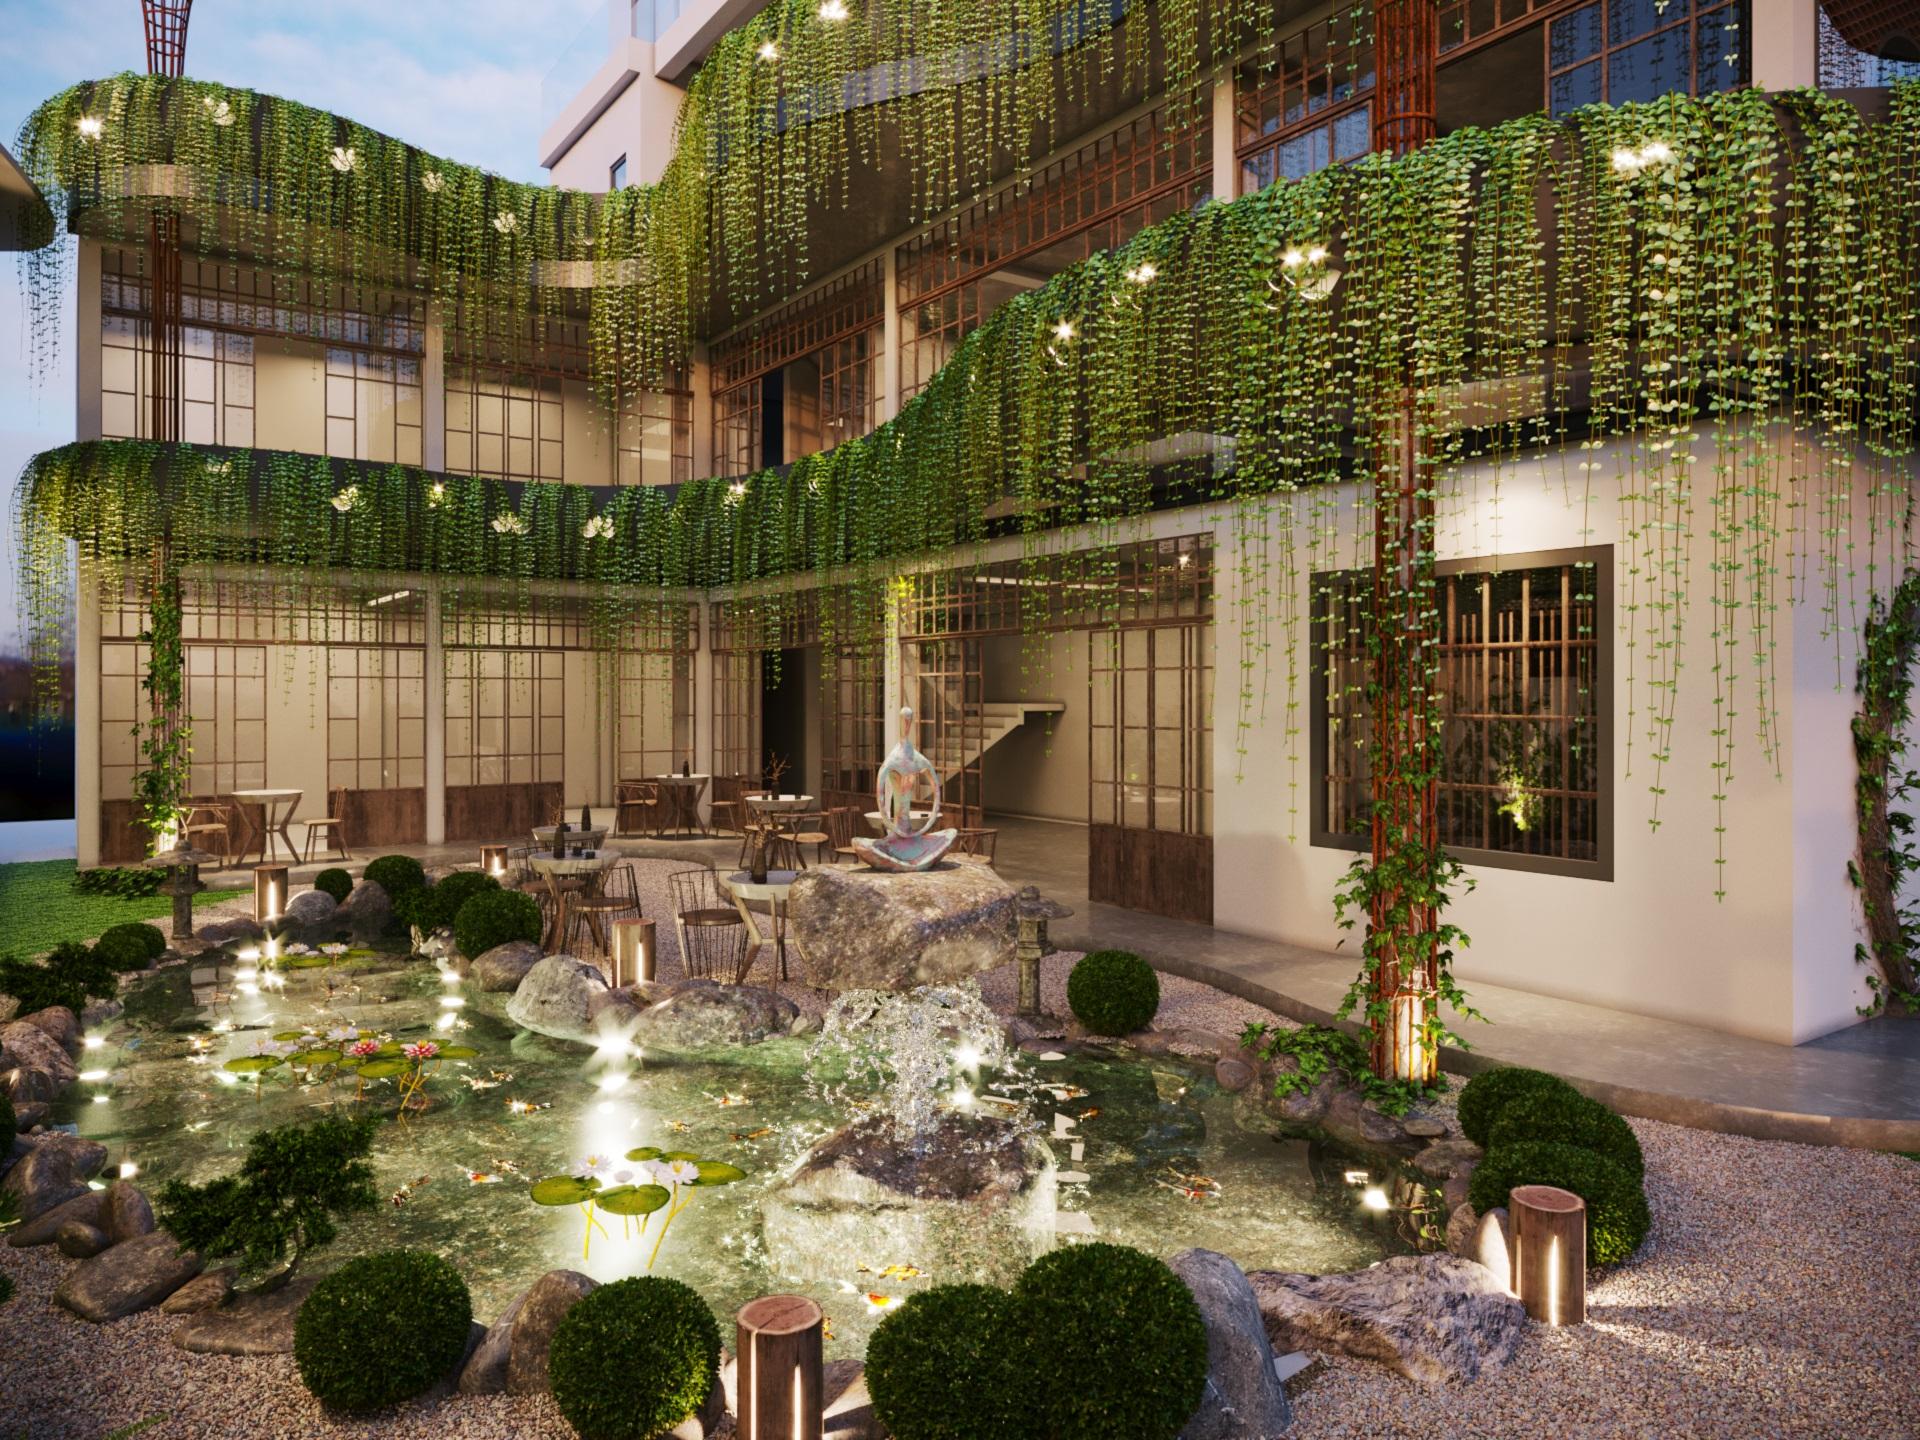 thiết kế nội thất Cafe tại Hà Nội caffee koi 12 1569649988